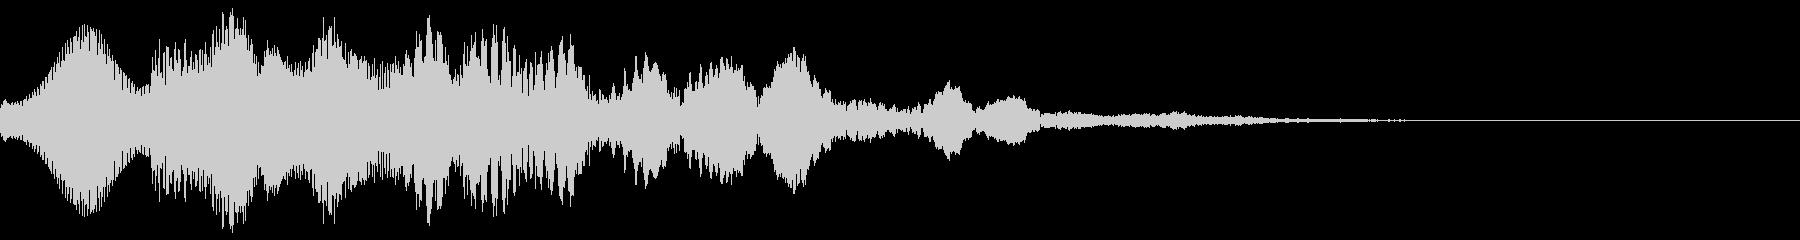 綺麗な電子音のSEの未再生の波形